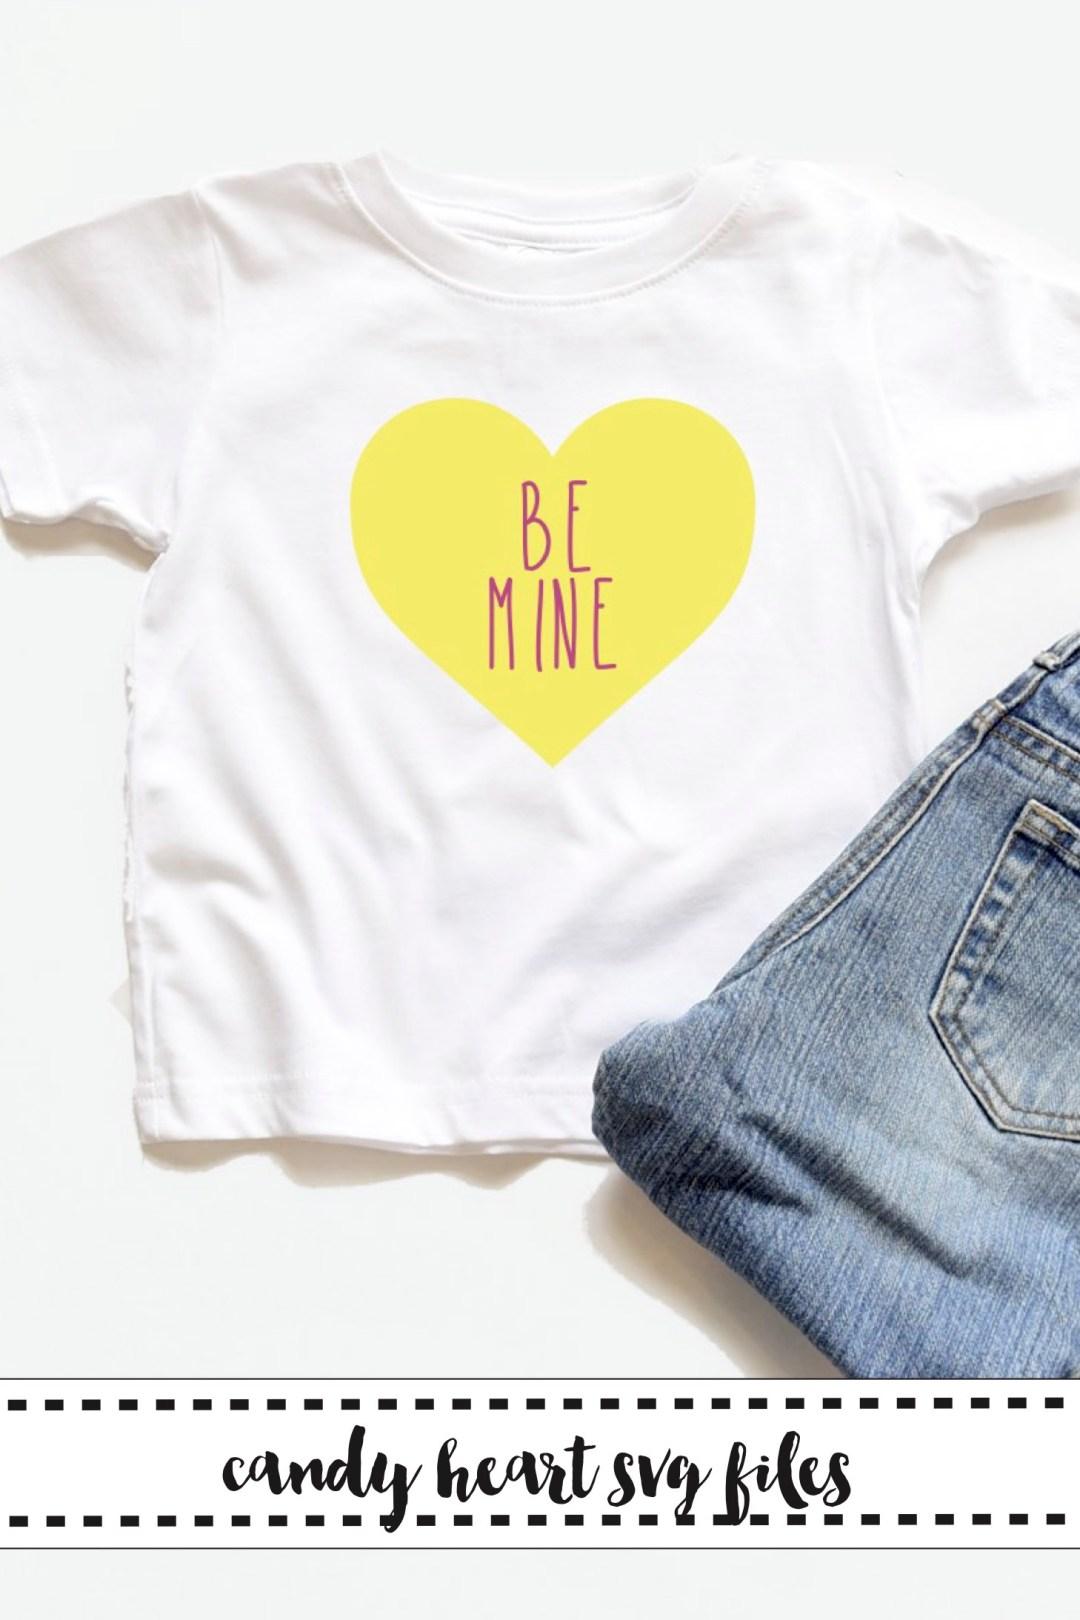 BE-MINE-Conversation-Heart-Shirt-Jeans